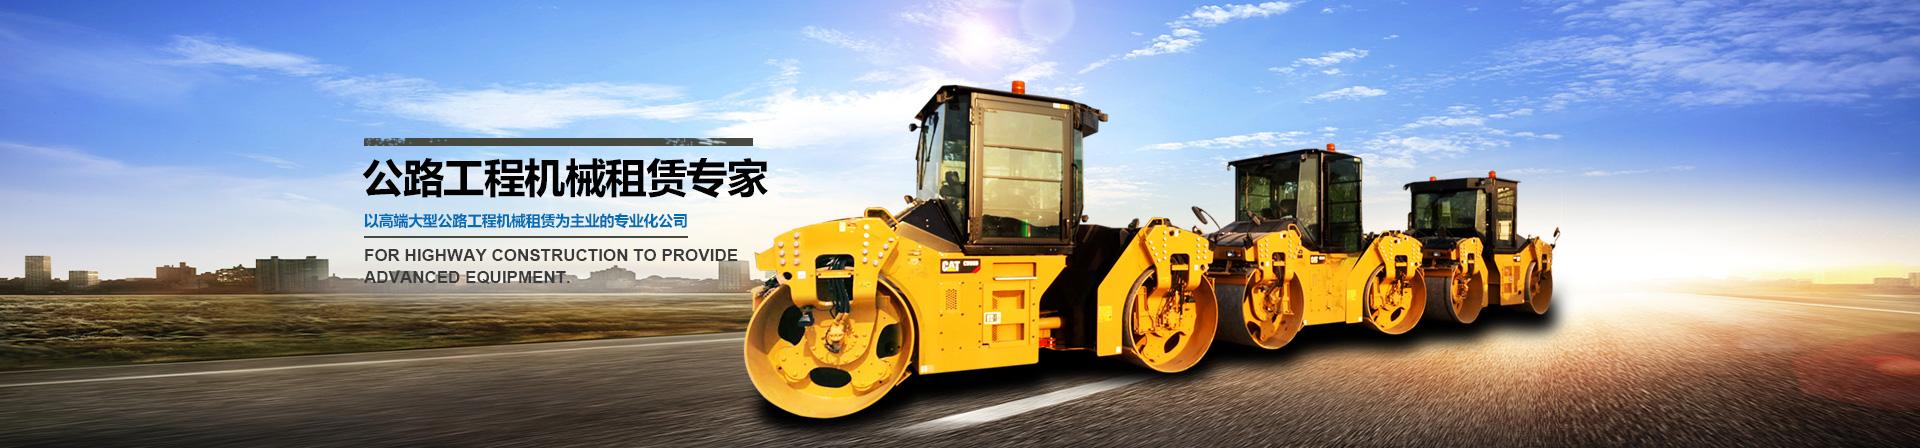 为公路工程施工提供先进装备